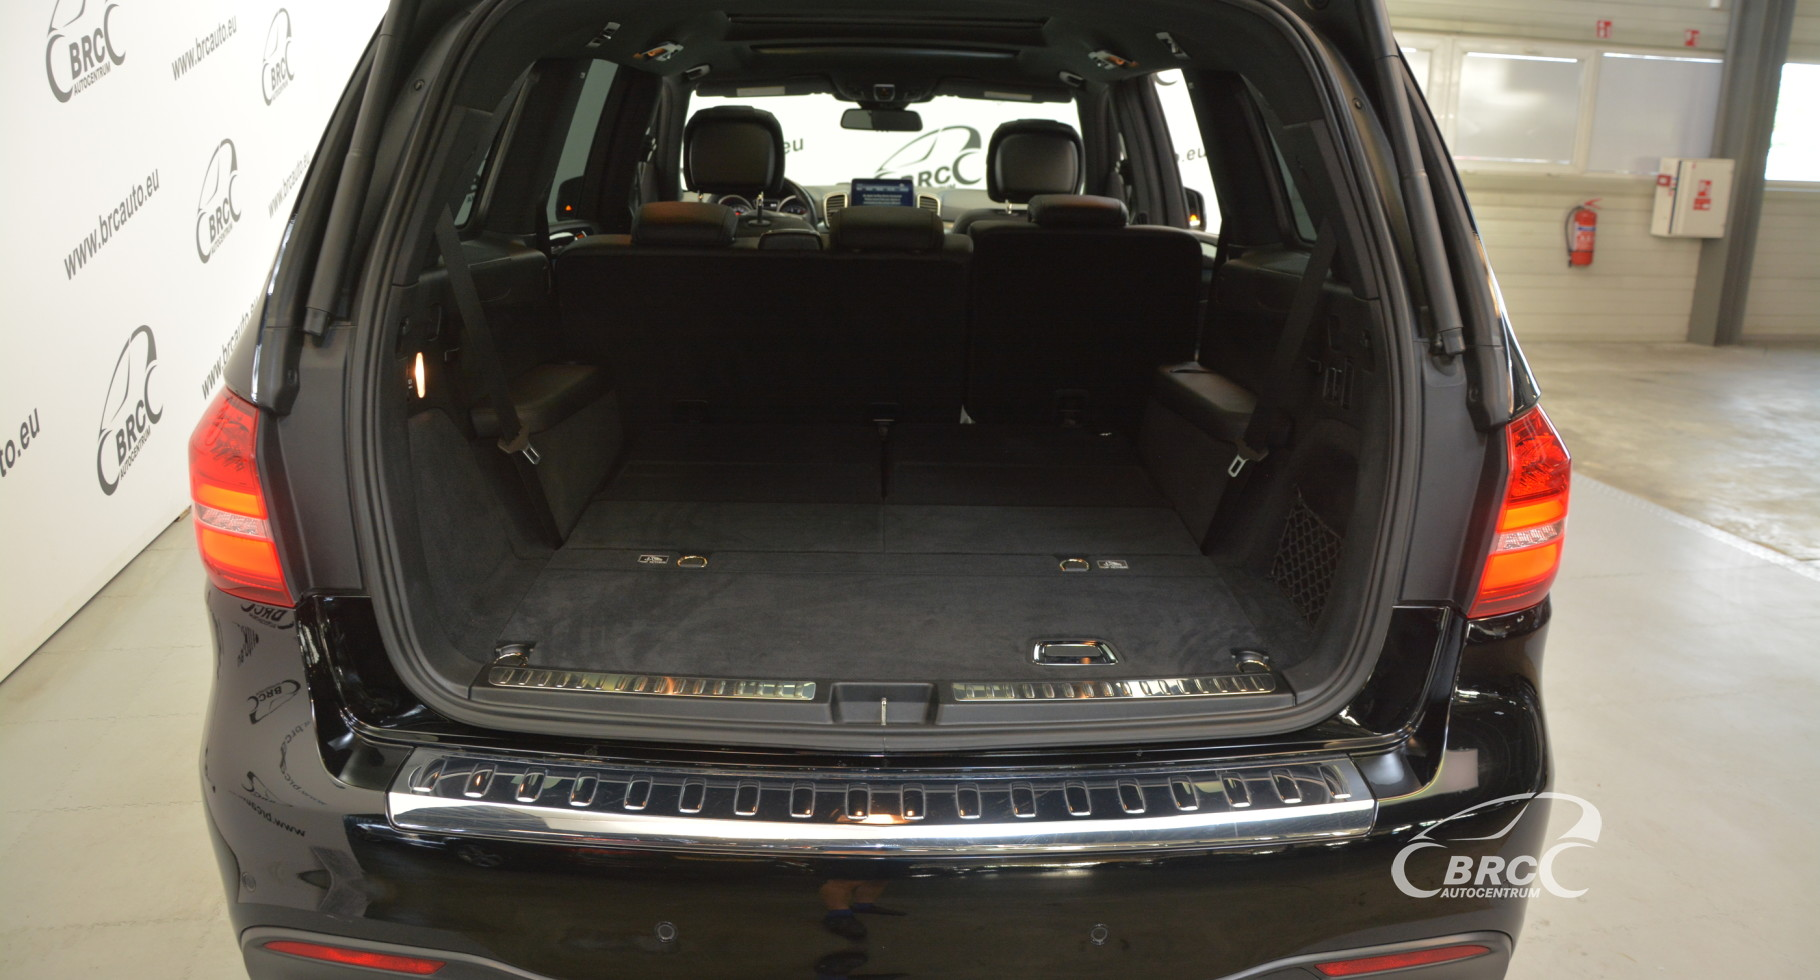 Mercedes-Benz GLS 550 4Matic Automatas